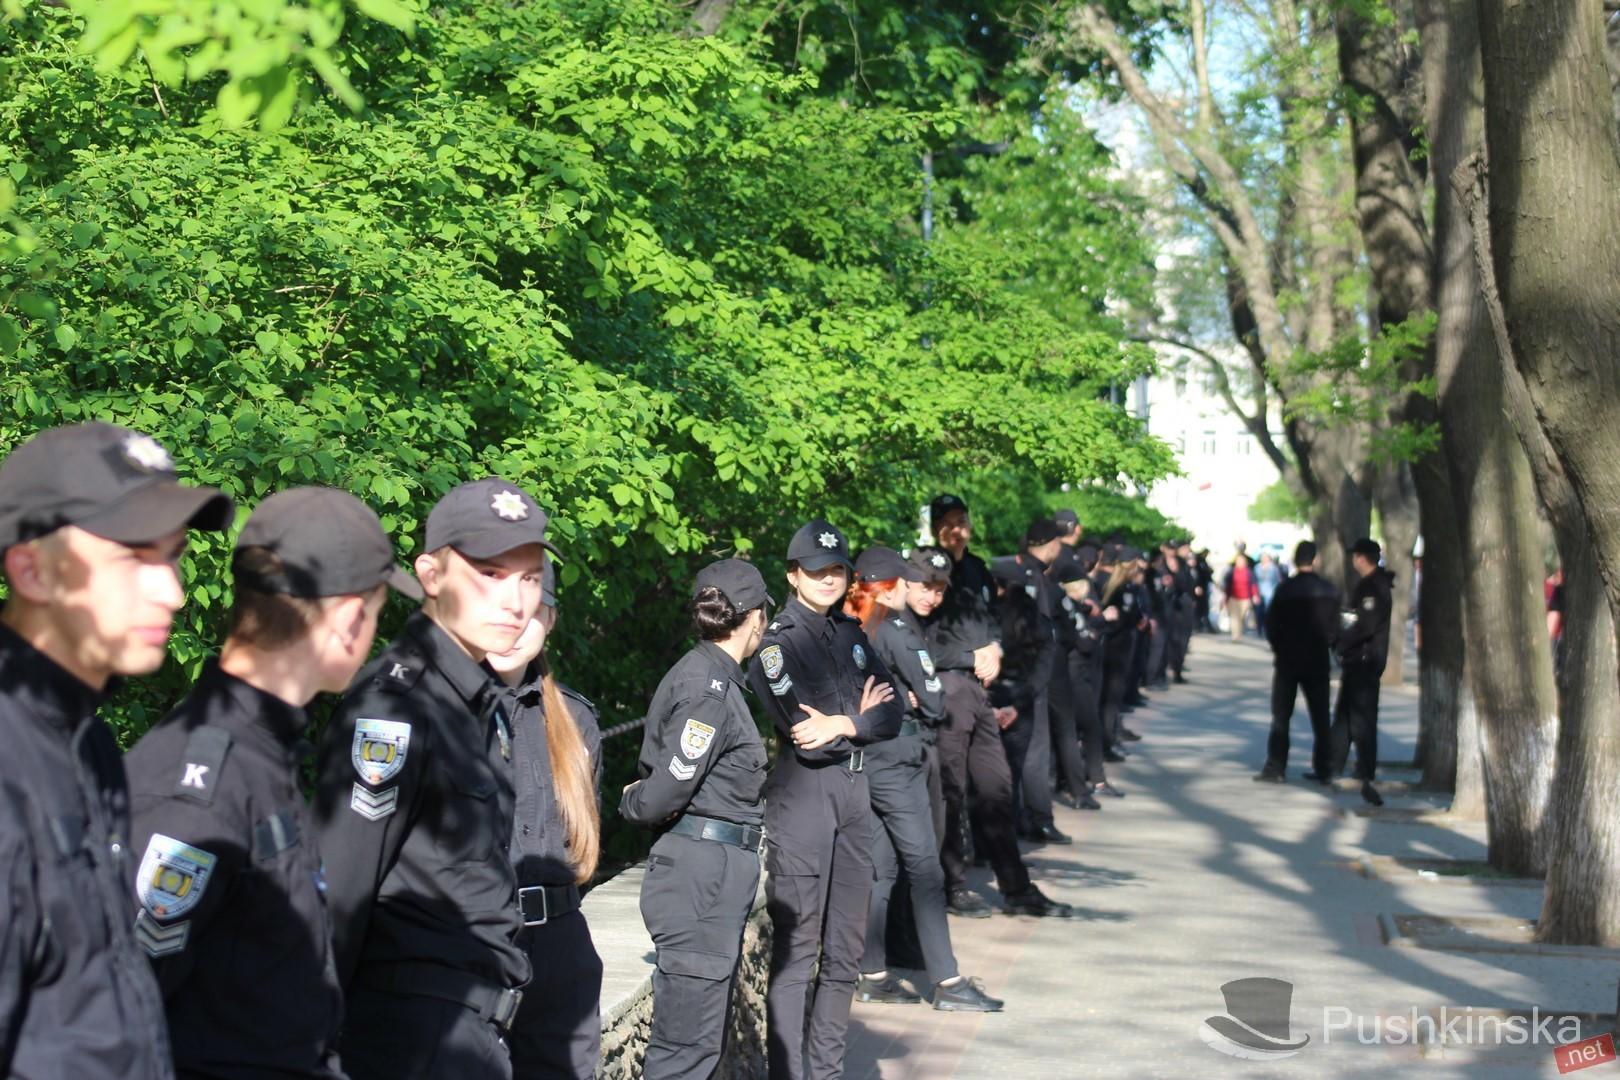 Одесса перекрыта, много бронетехники и полицейских: вход на Куликово только через металлоискатели - кадры